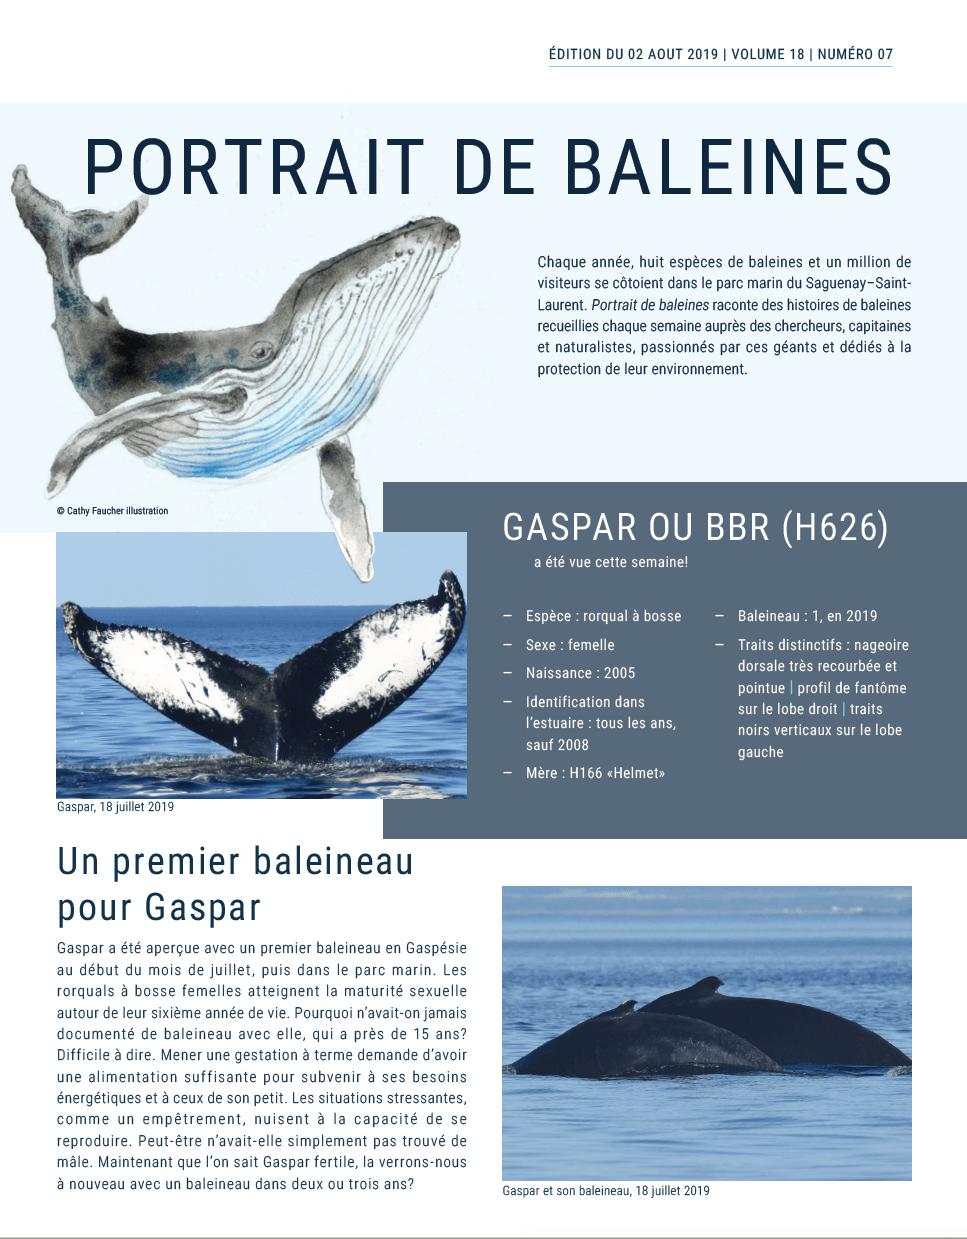 The front page of Portrait de baleines